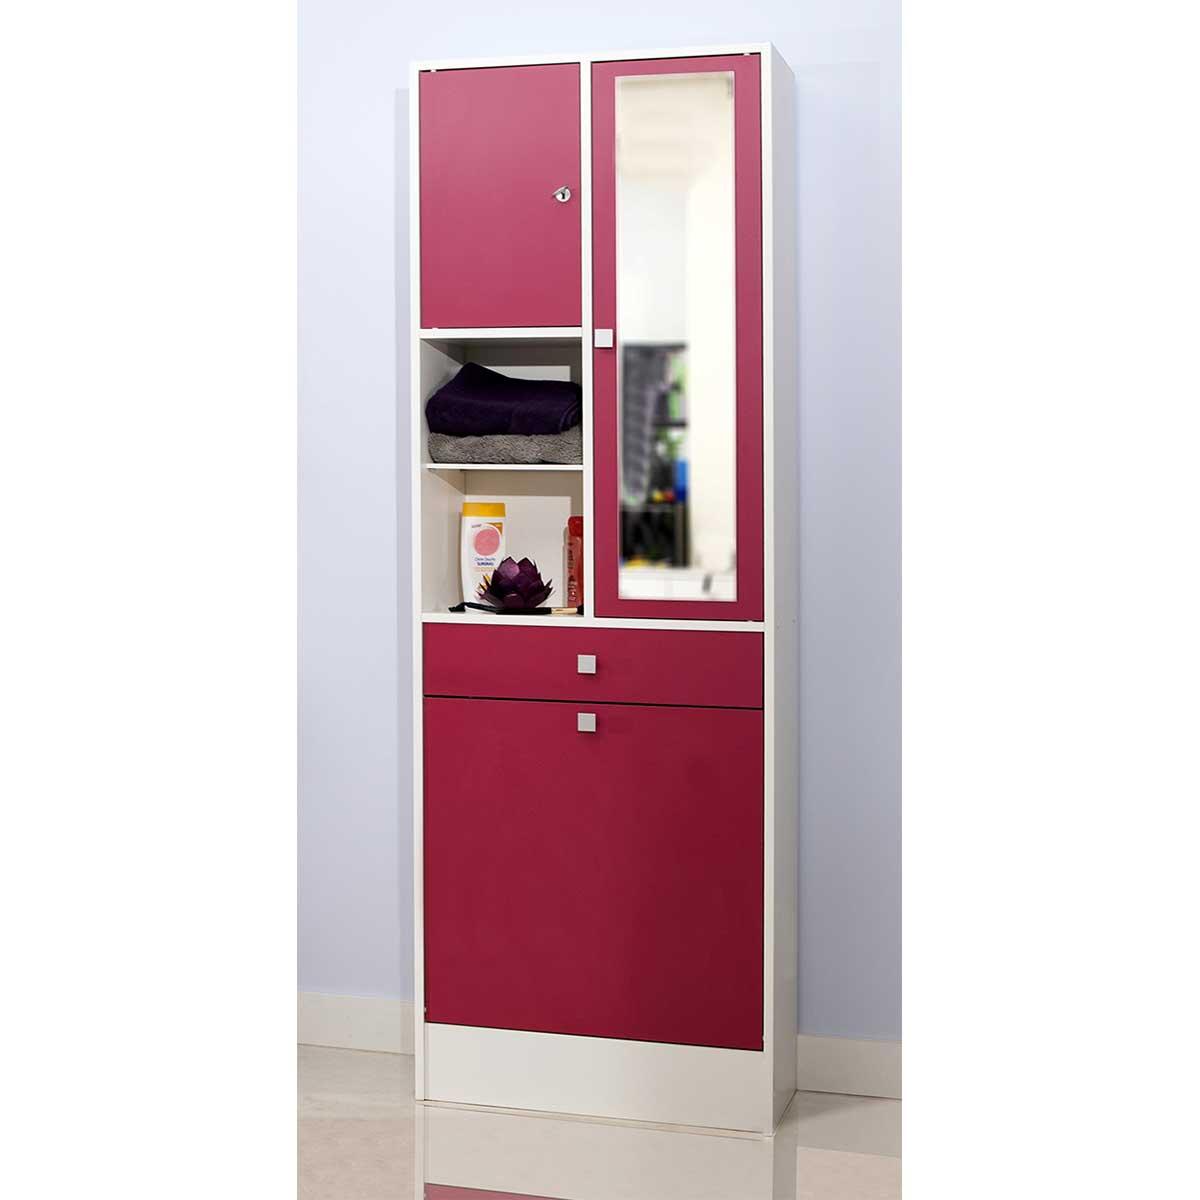 Beliani ccolonne de salle de bain rangement mural beig - Meuble colonne salle de bain conforama ...